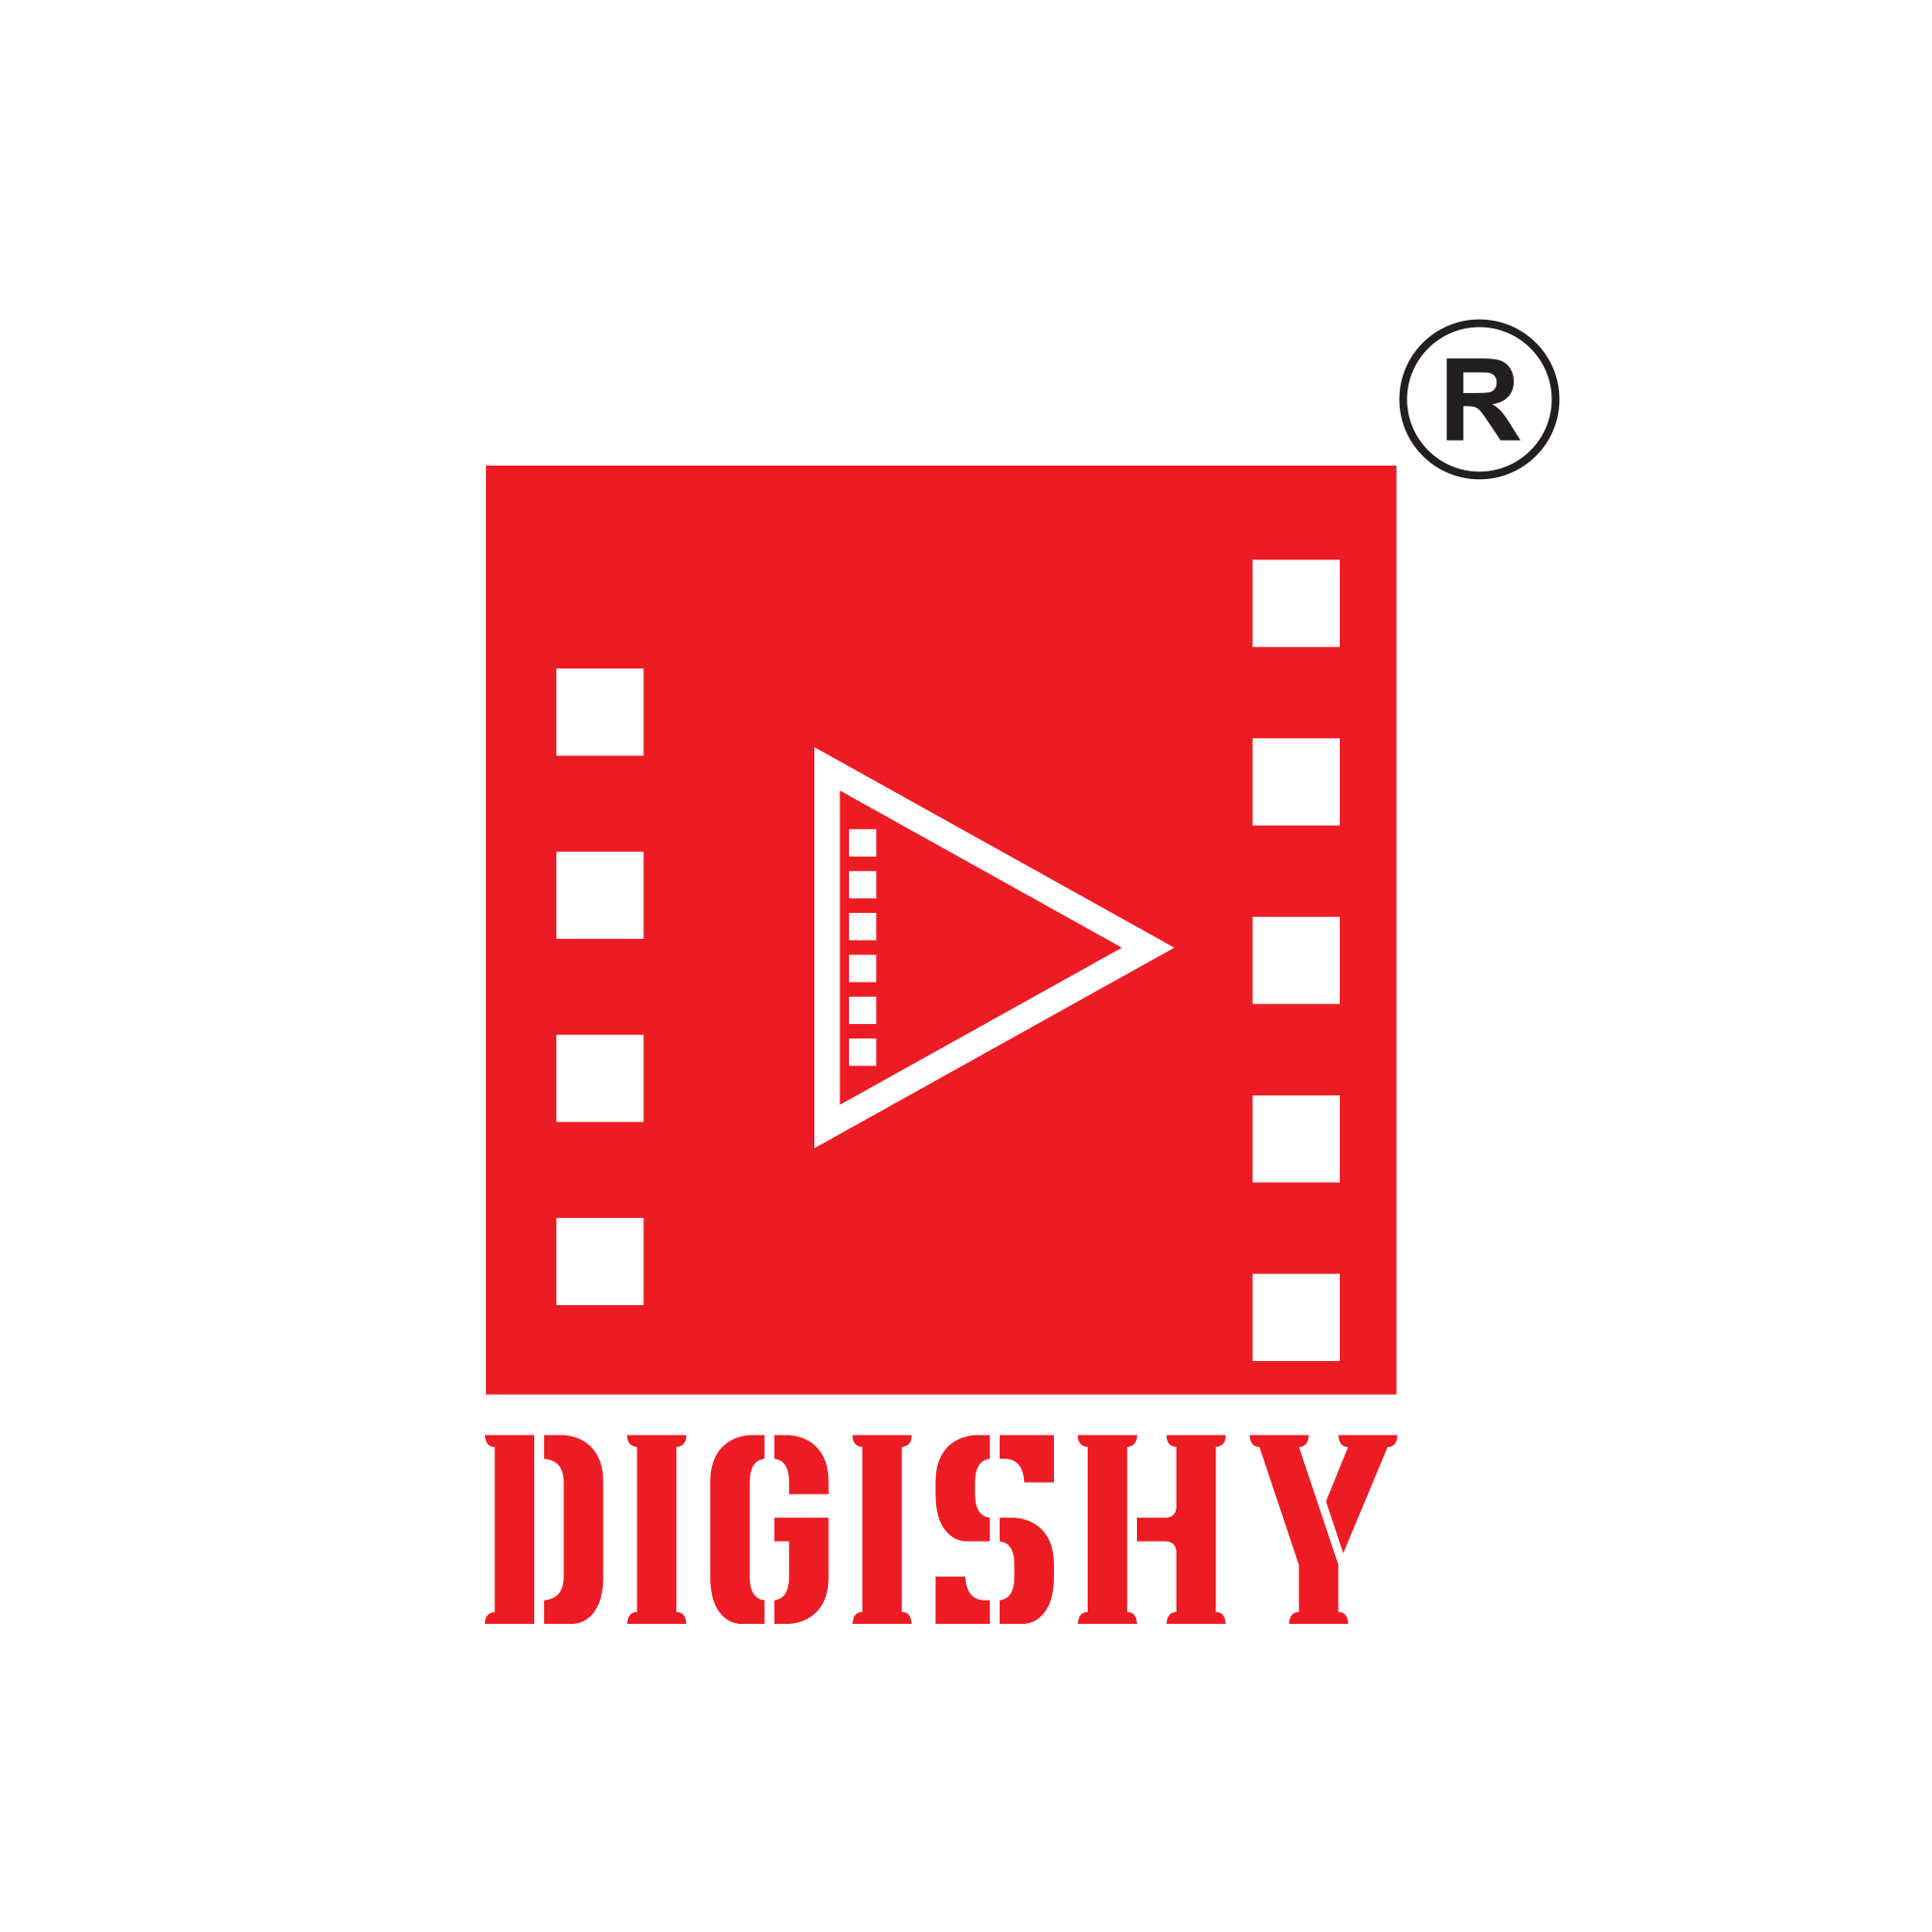 digishy logo (1)